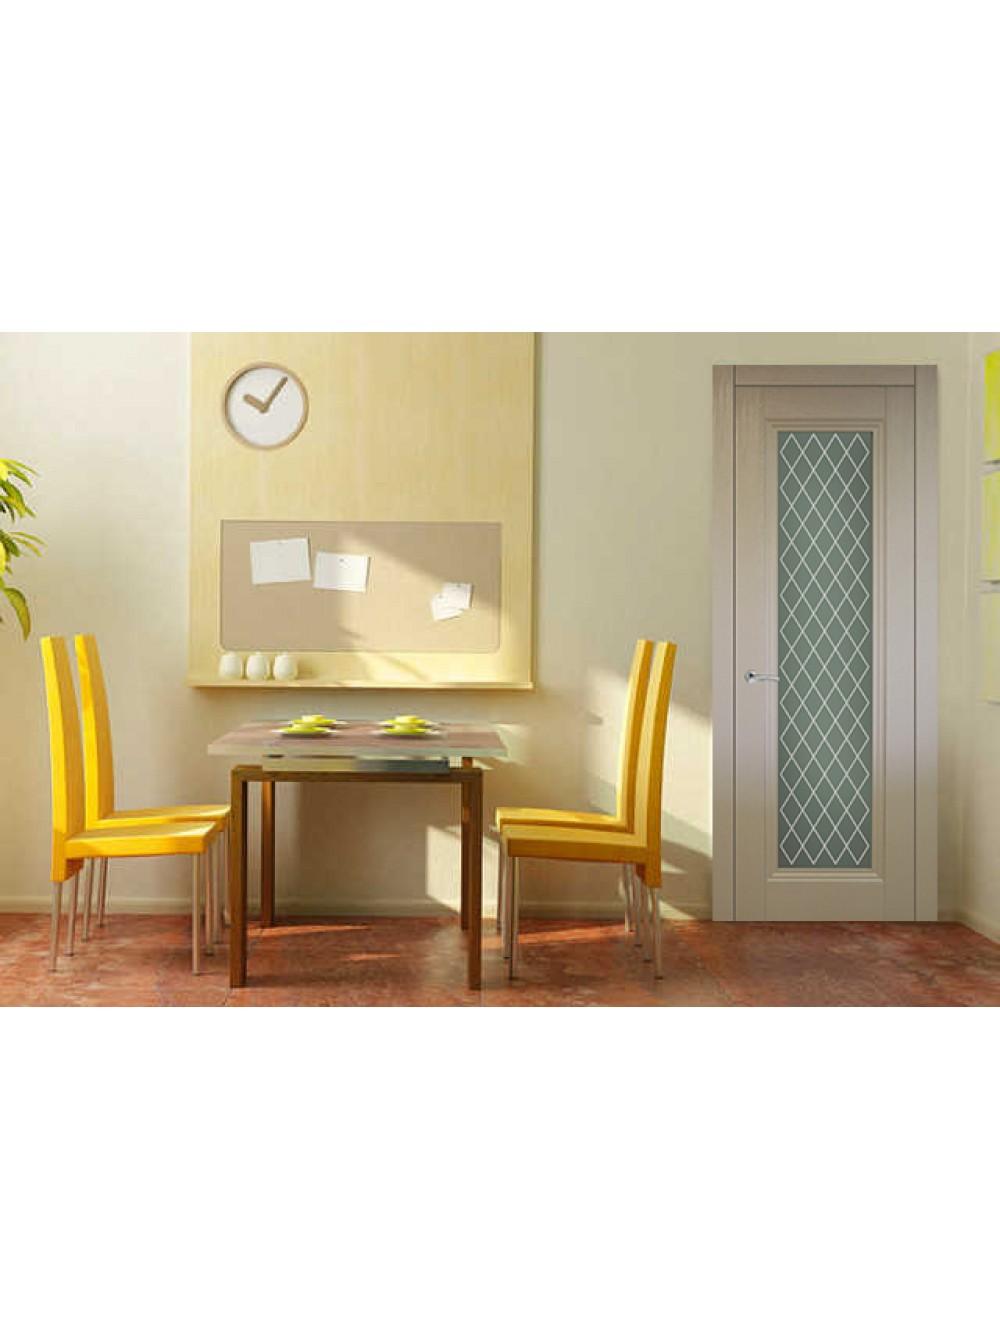 Межкомнатная дверь Барселона 4(Остекленное полотно)